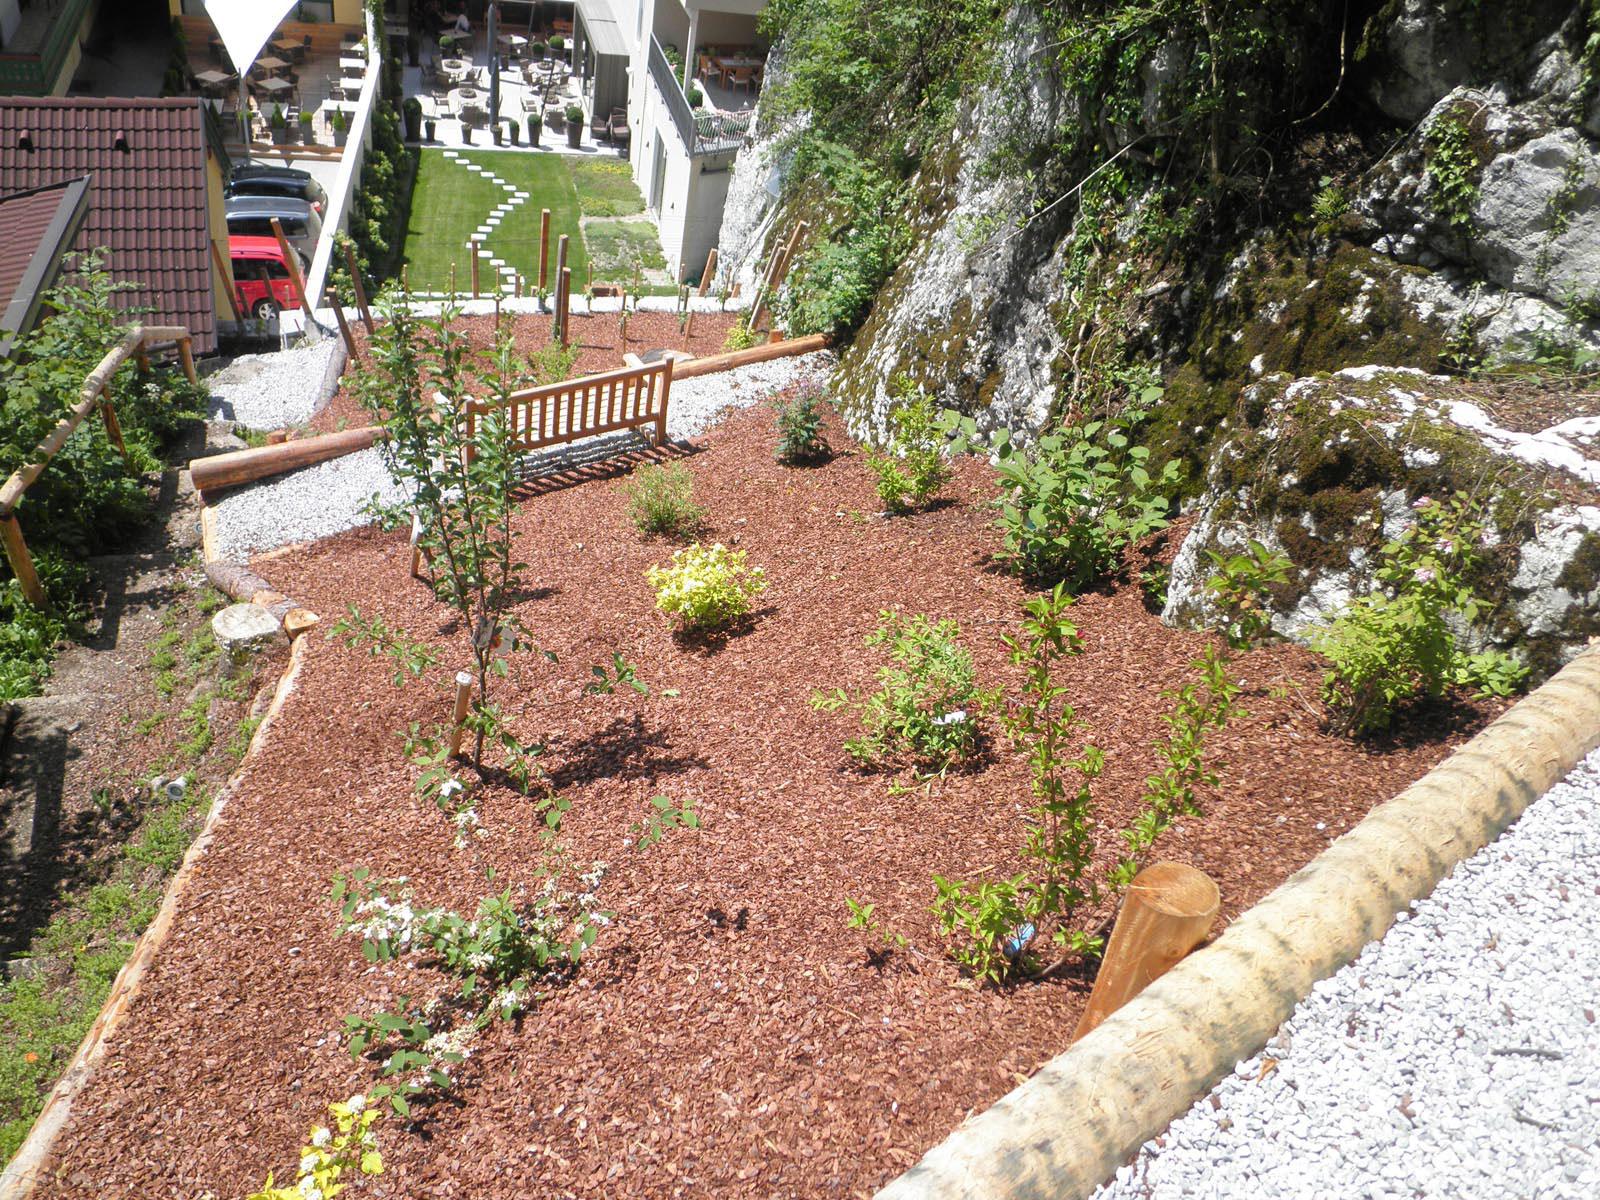 Willkommen in der welt des garten gartengestaltung teichanlagen retzinger - Gartengestaltung app ...